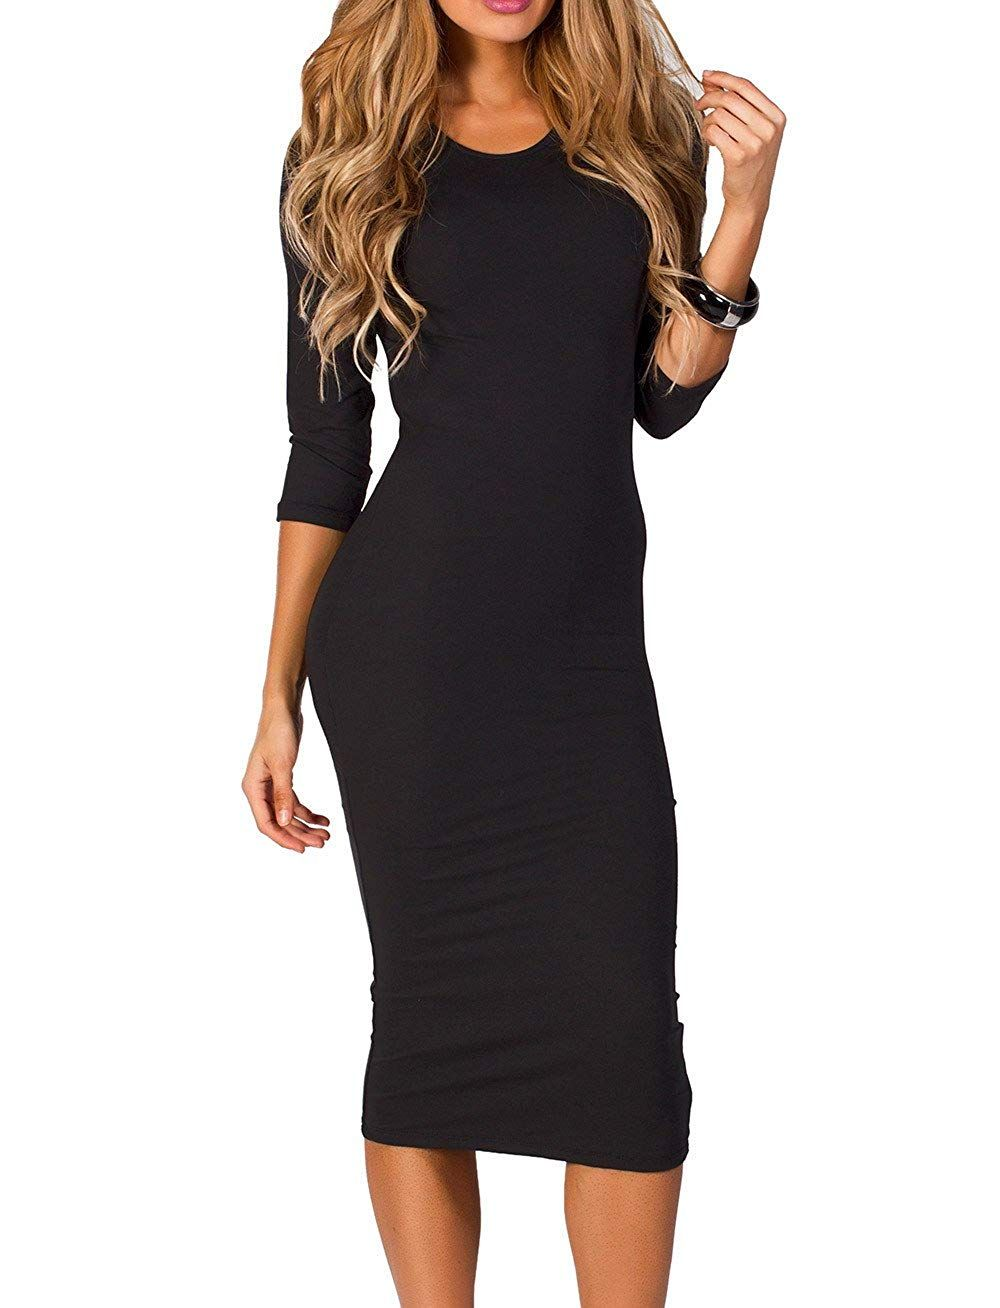 Iconoflash Womens 34 Sleeve Bodycon Midi Dress Xs To 3xl At Amazon Womens Clothing Store Am Midi Dress Bodycon Bodycon Dress With Sleeves Long Sleeve Bodycon [ 1308 x 1000 Pixel ]